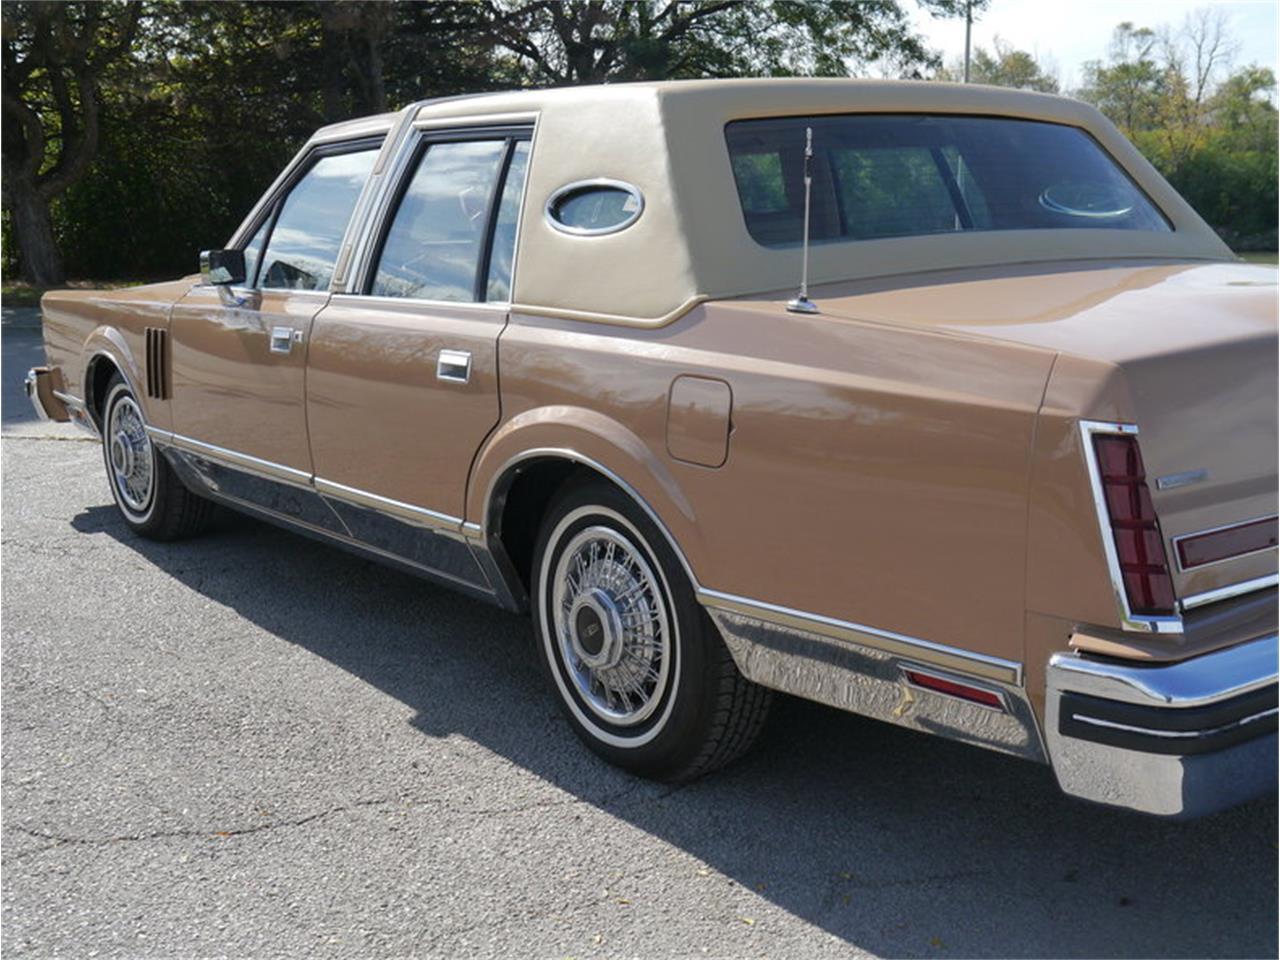 Large Picture of 1983 Lincoln Continental Mark VI located in Alsip Illinois - $7,900.00 - M7E3